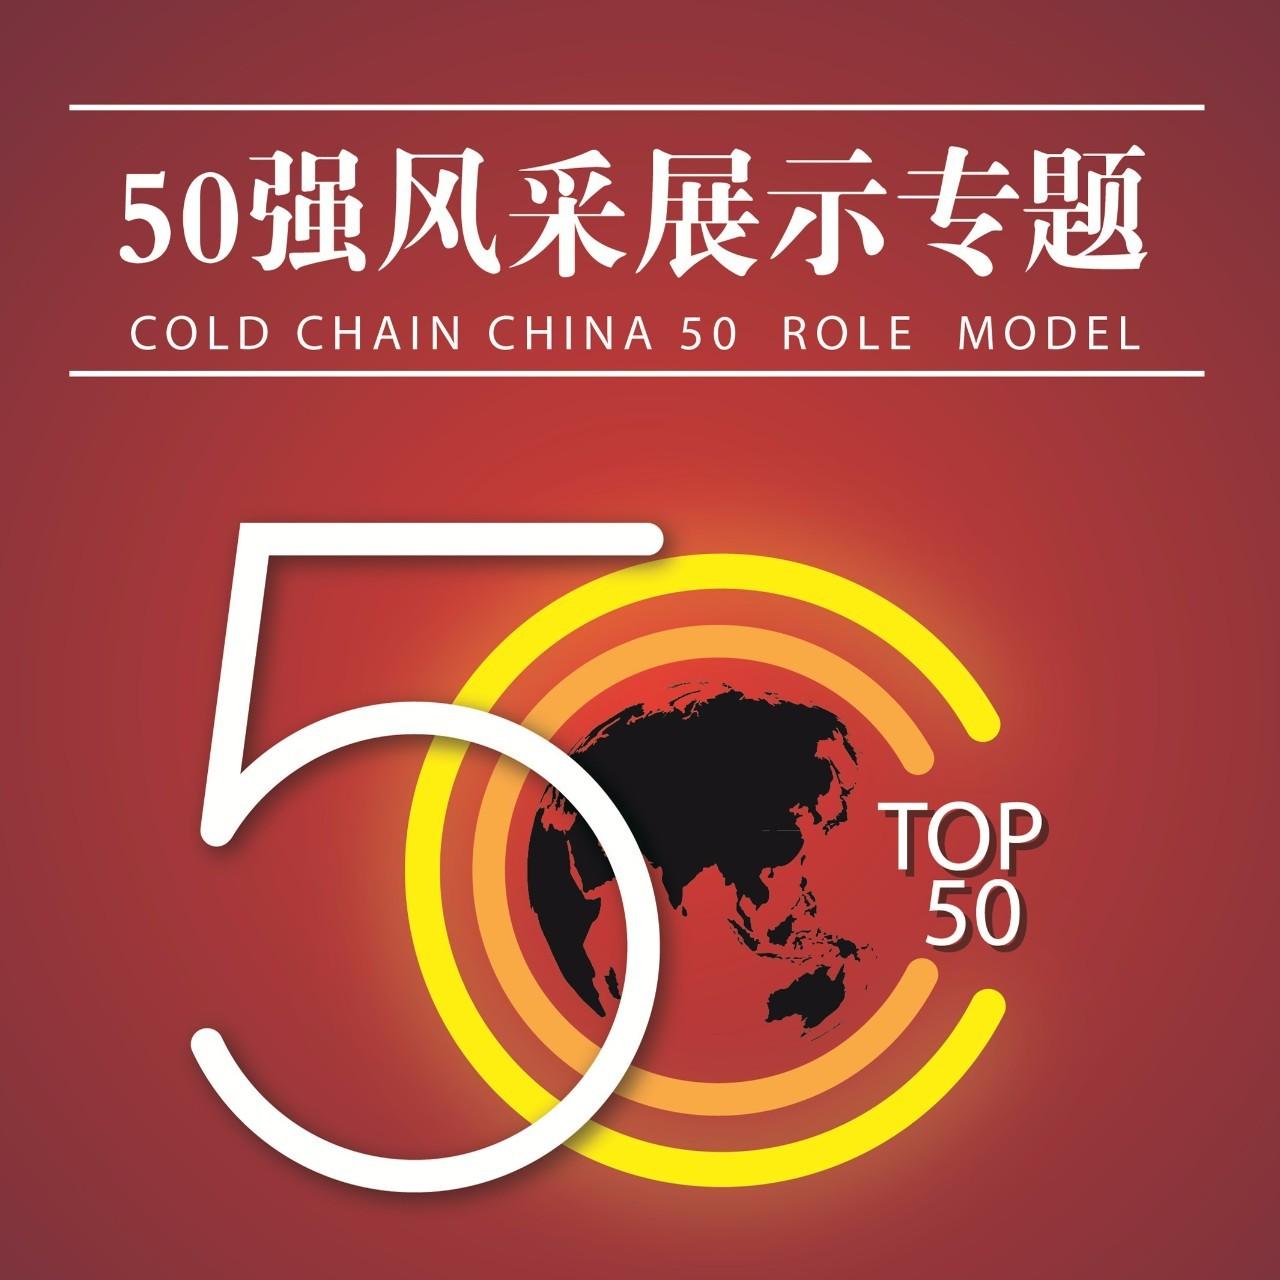 【50强品牌展现五】让我国冷链走向国际,让国际